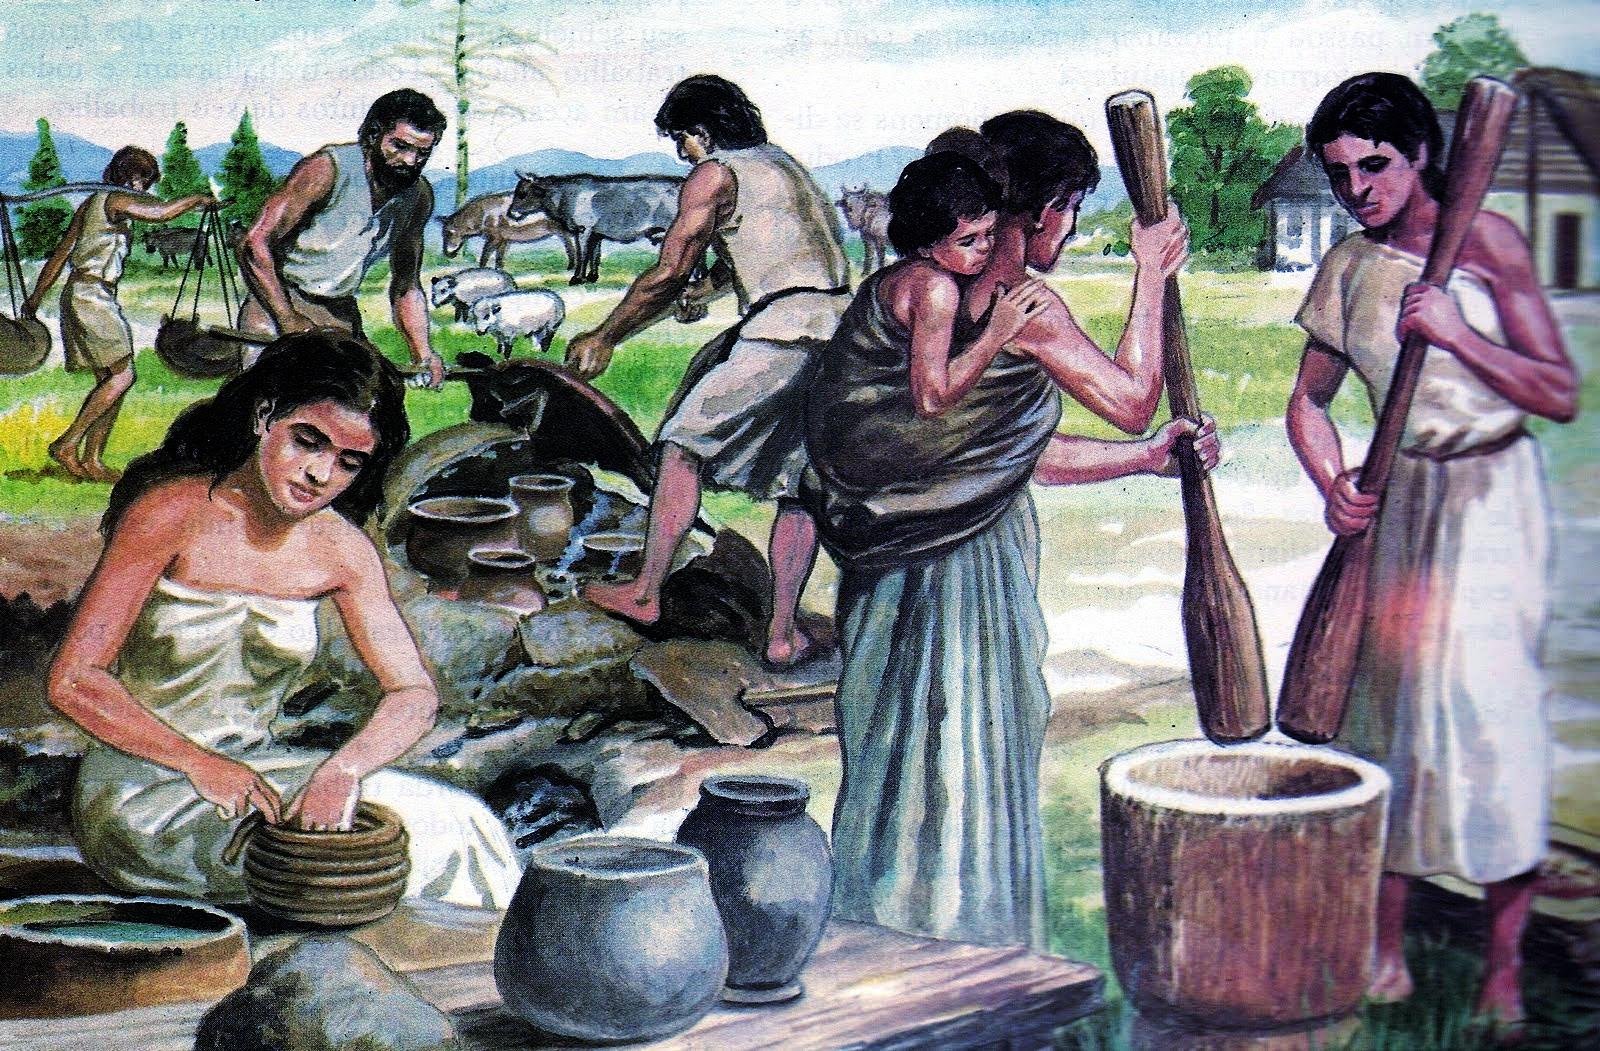 Le donne hanno contribuito allo scambio della cultura e dei popoli fin dall'antichità